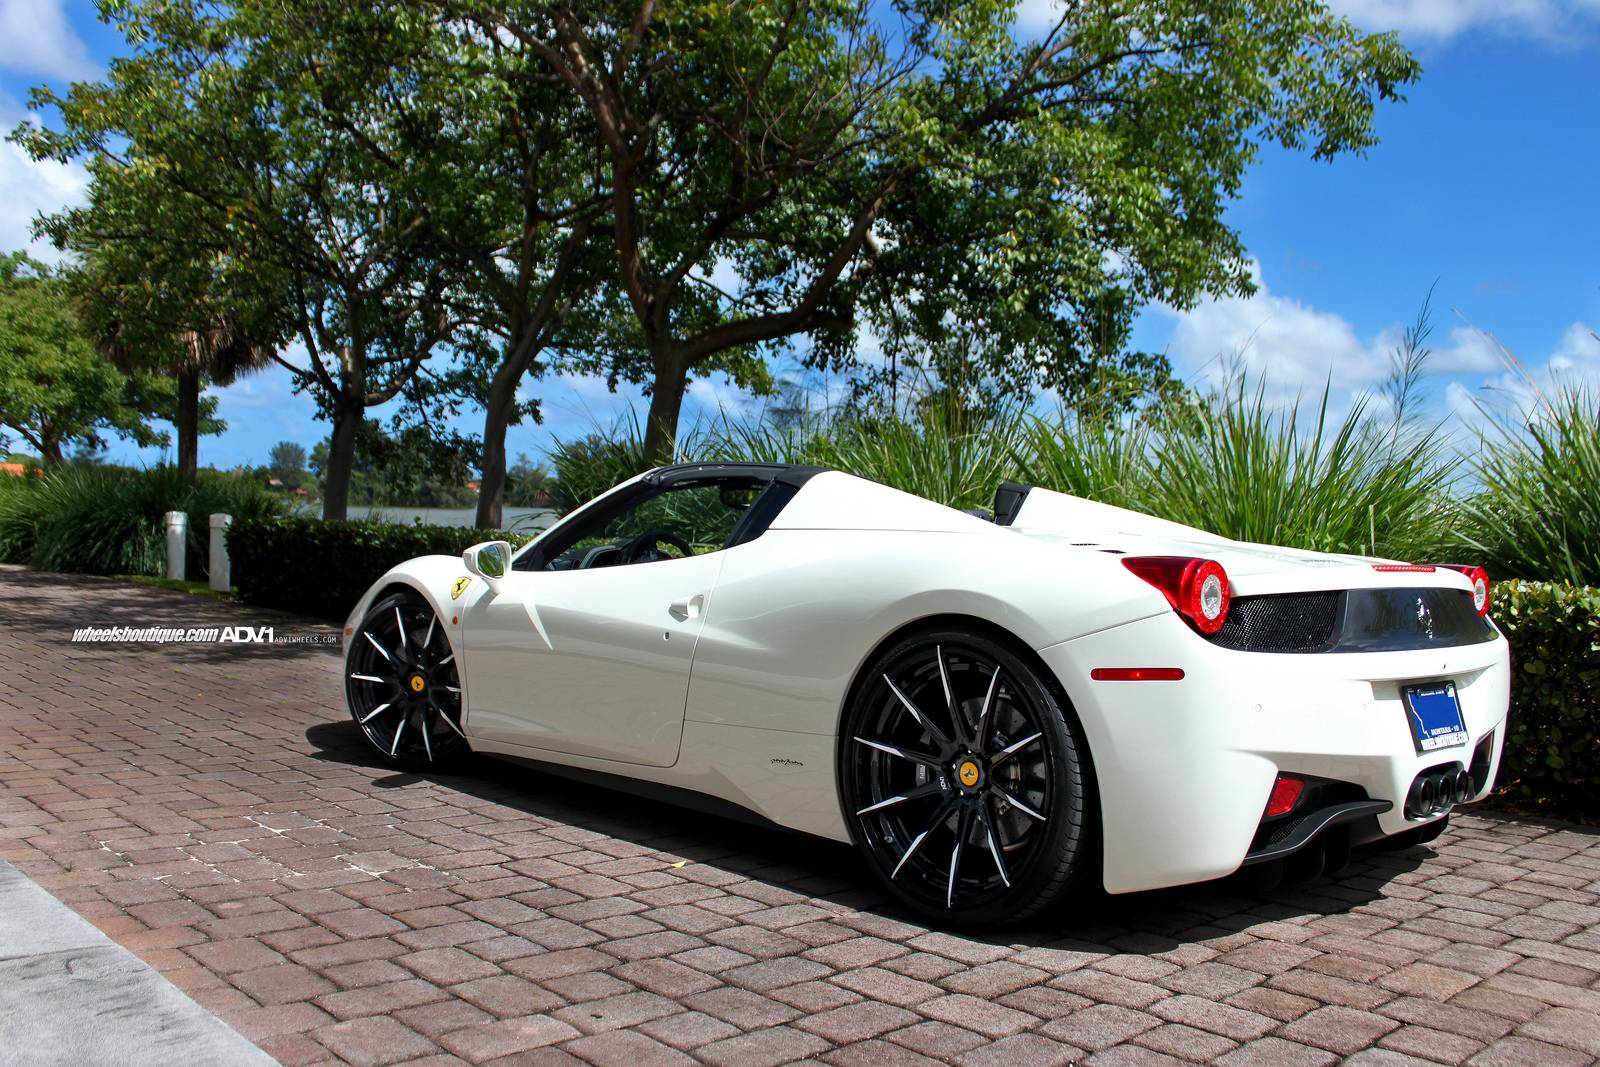 White Ferrari 458 Italia Justin Bieber White ferrari 458 spider onWhite Ferrari 458 Italia Justin Bieber